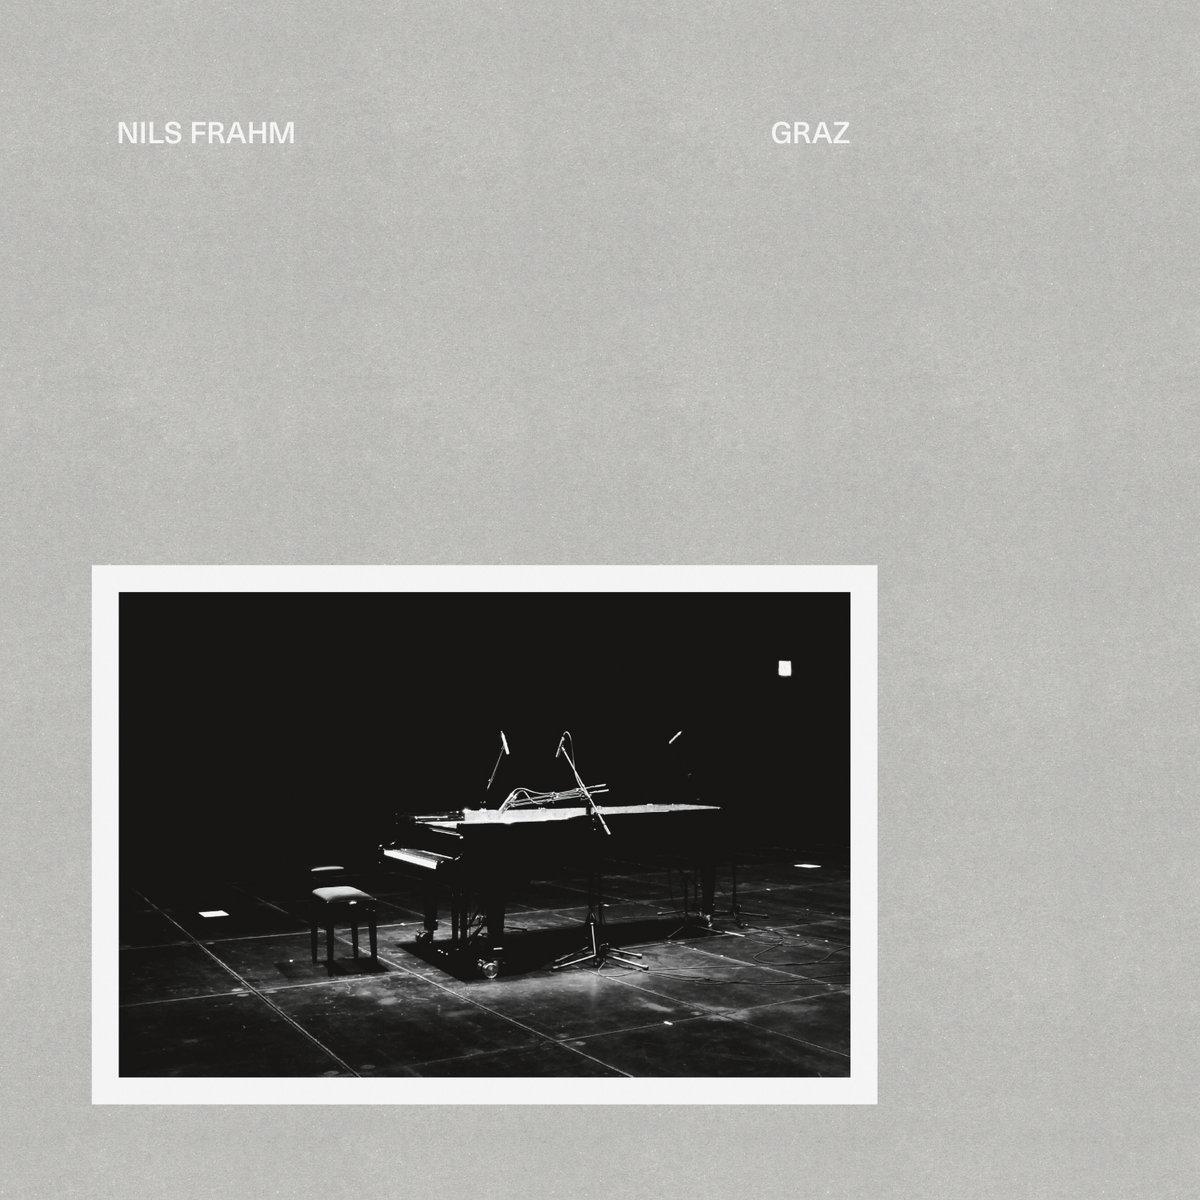 Nils Frahm netikėtai išleido naują albumą